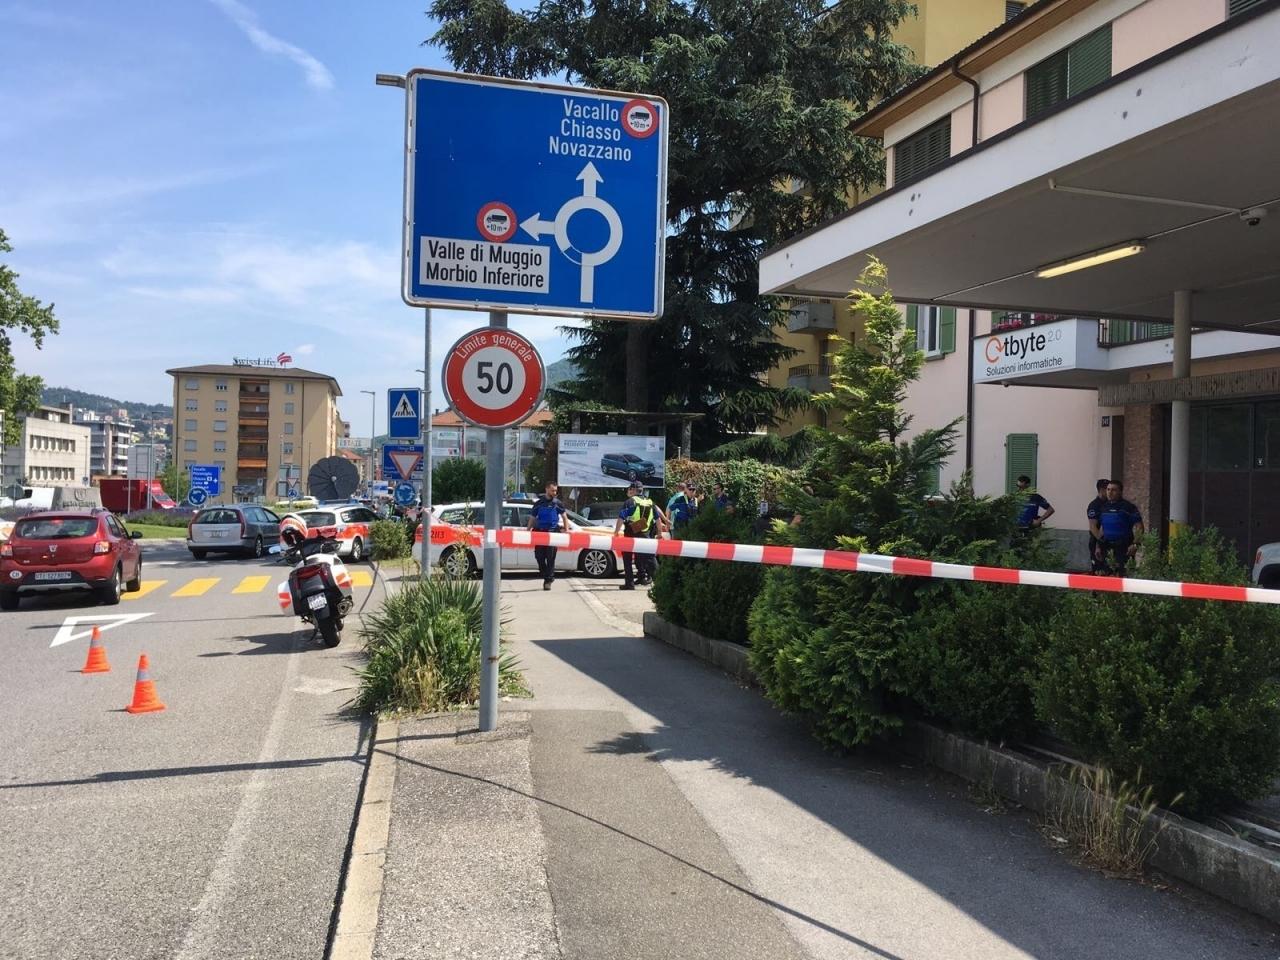 Ufficio Cambio A Lugano : Ticinonline tentata rapina a mano armata a un ufficio cambi